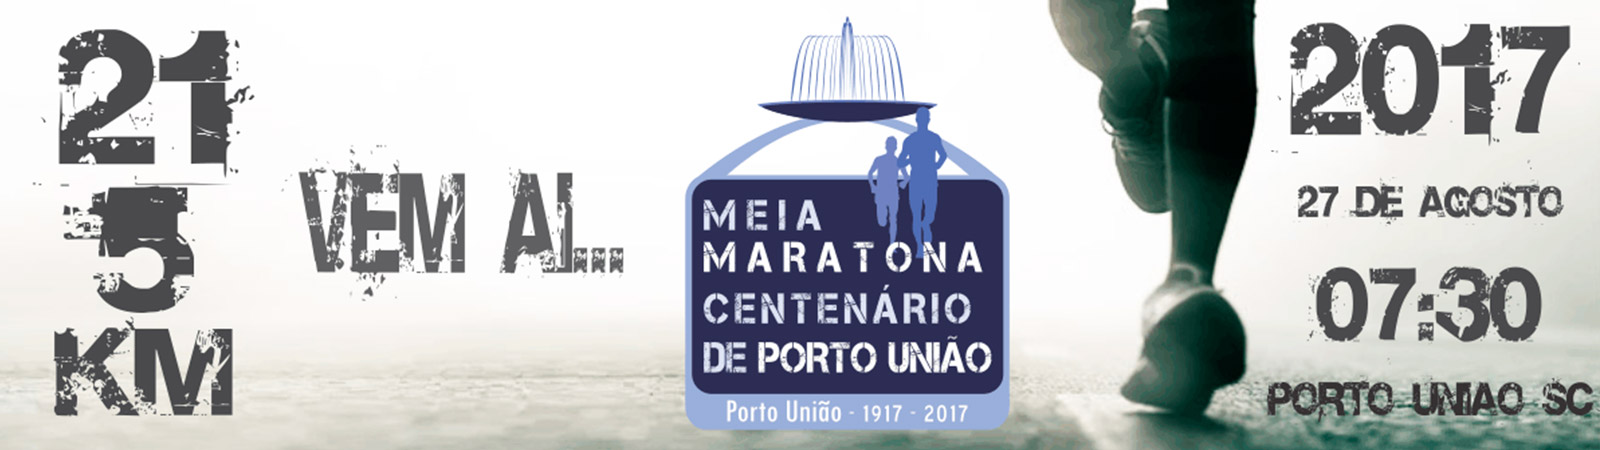 MEIA MARATONA CENTENÁRIO DE PORTO UNIÃO - Imagem de topo